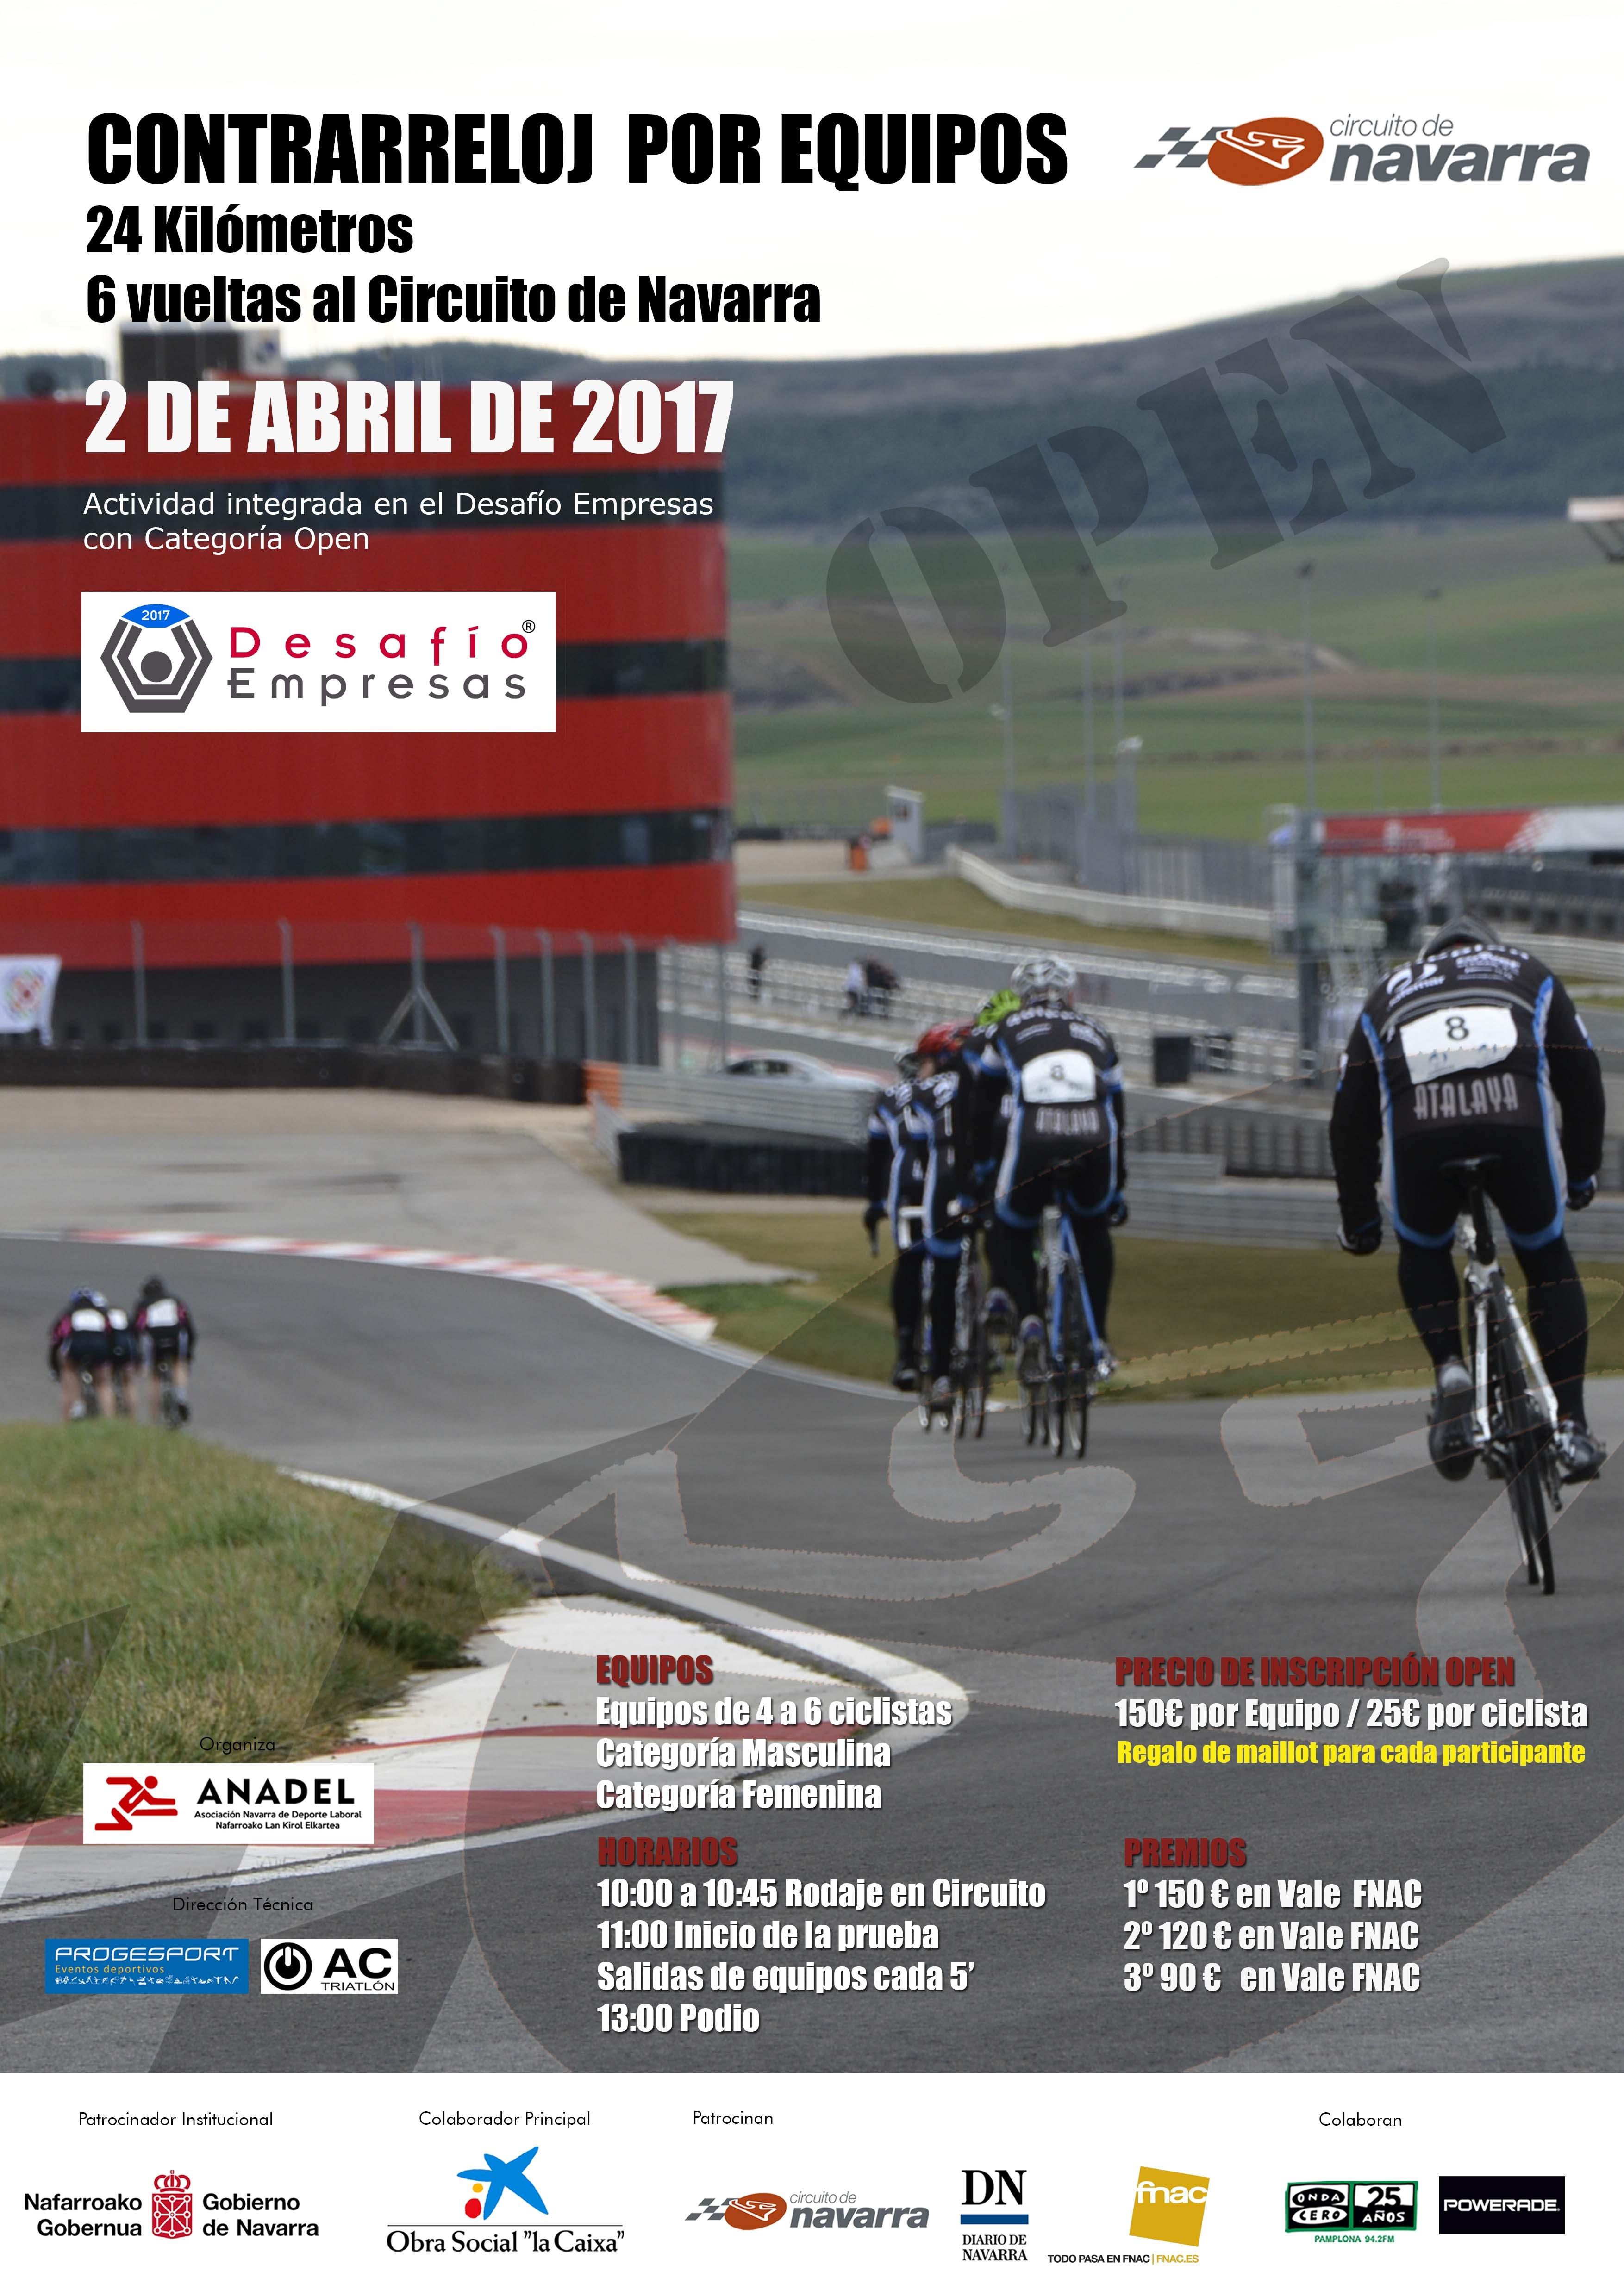 Circuito Navarra : Rockthesport contrarreloj los arcos navarra